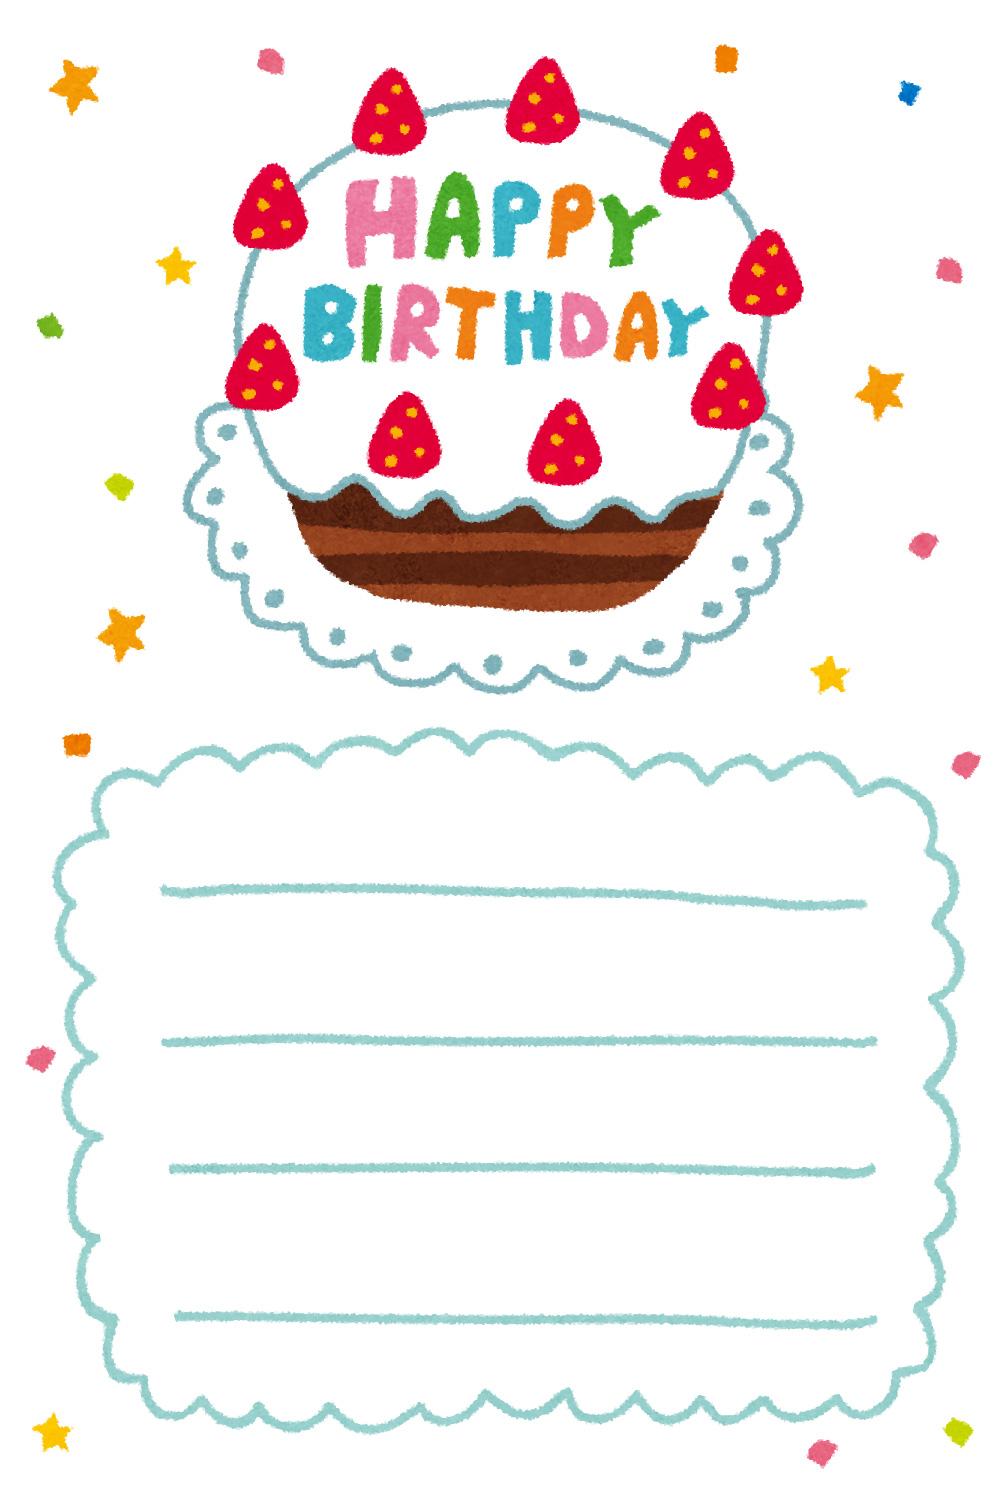 誕生日カードのテンプレートバースデーケーキ かわいいフリー素材